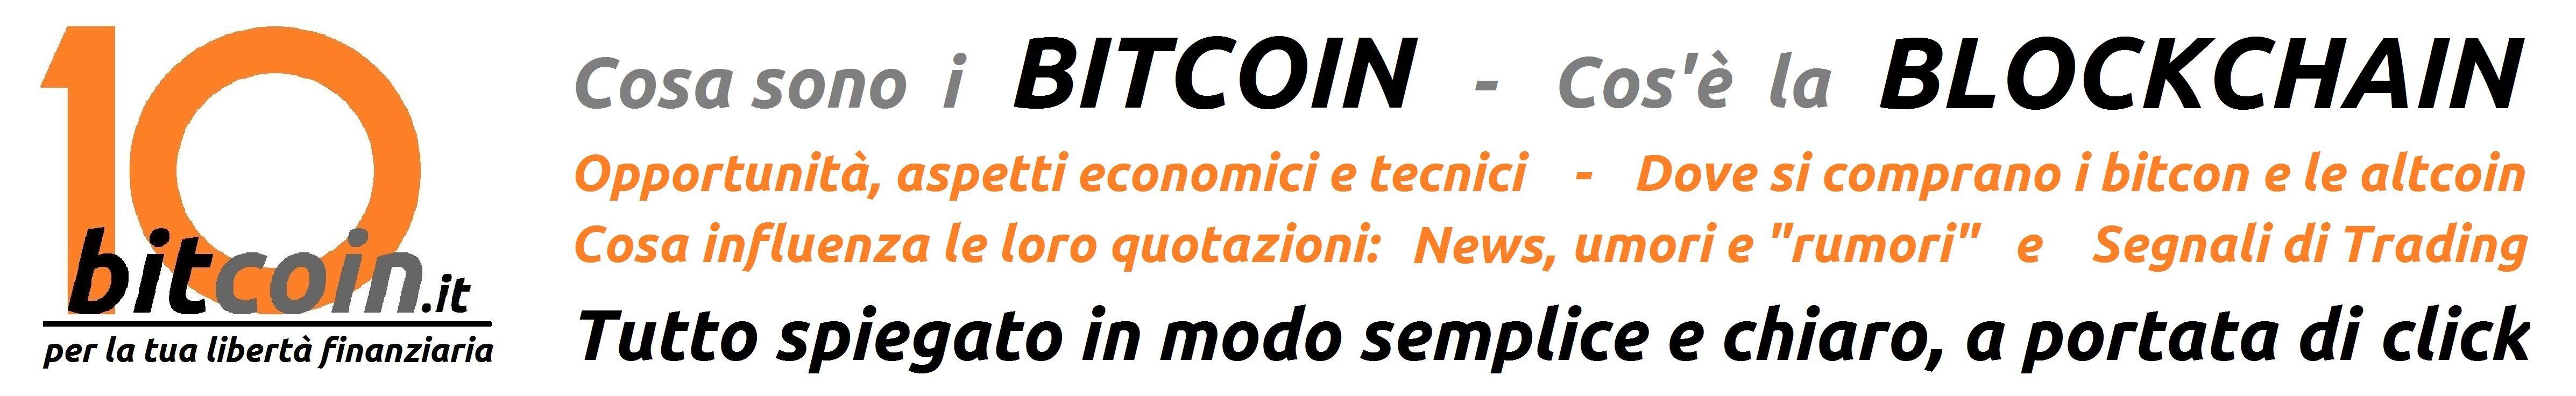 Bitcoin e BLOCKCHAIN spiegati in modo semplice e chiaro